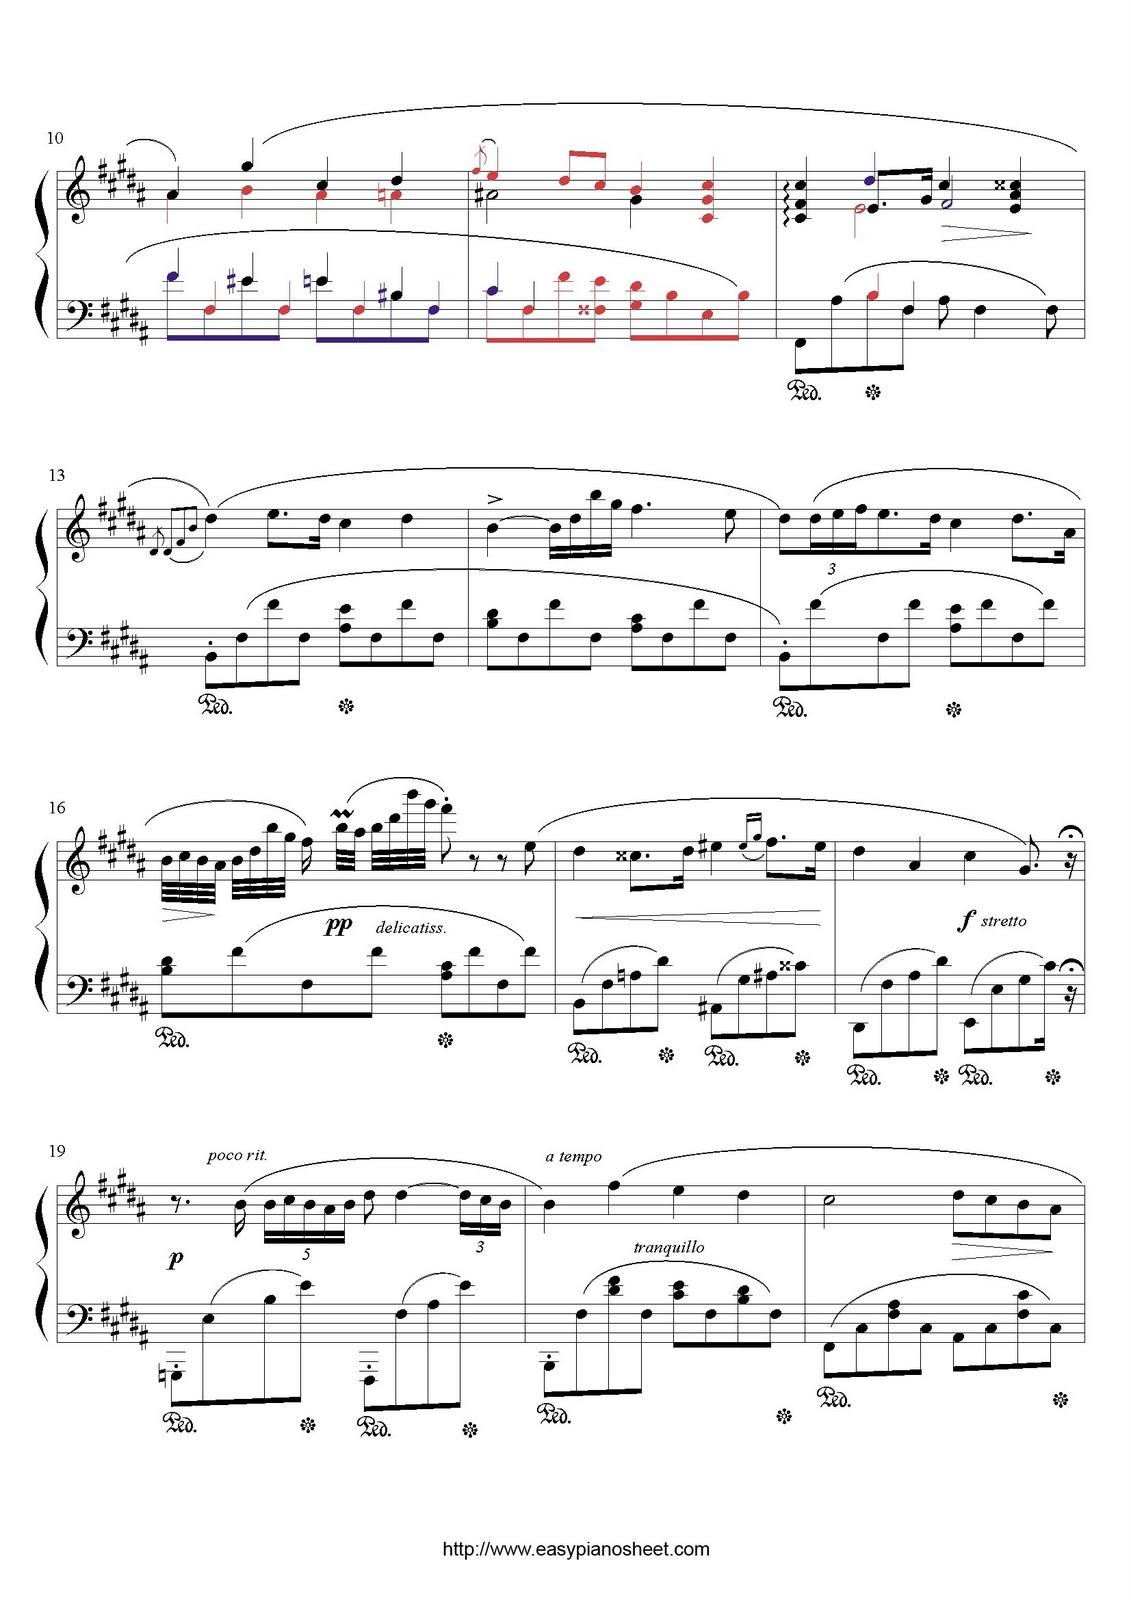 Partitura de piano gratis de Fryderyk Chopin: Nocturno (Op. 32, No.1)